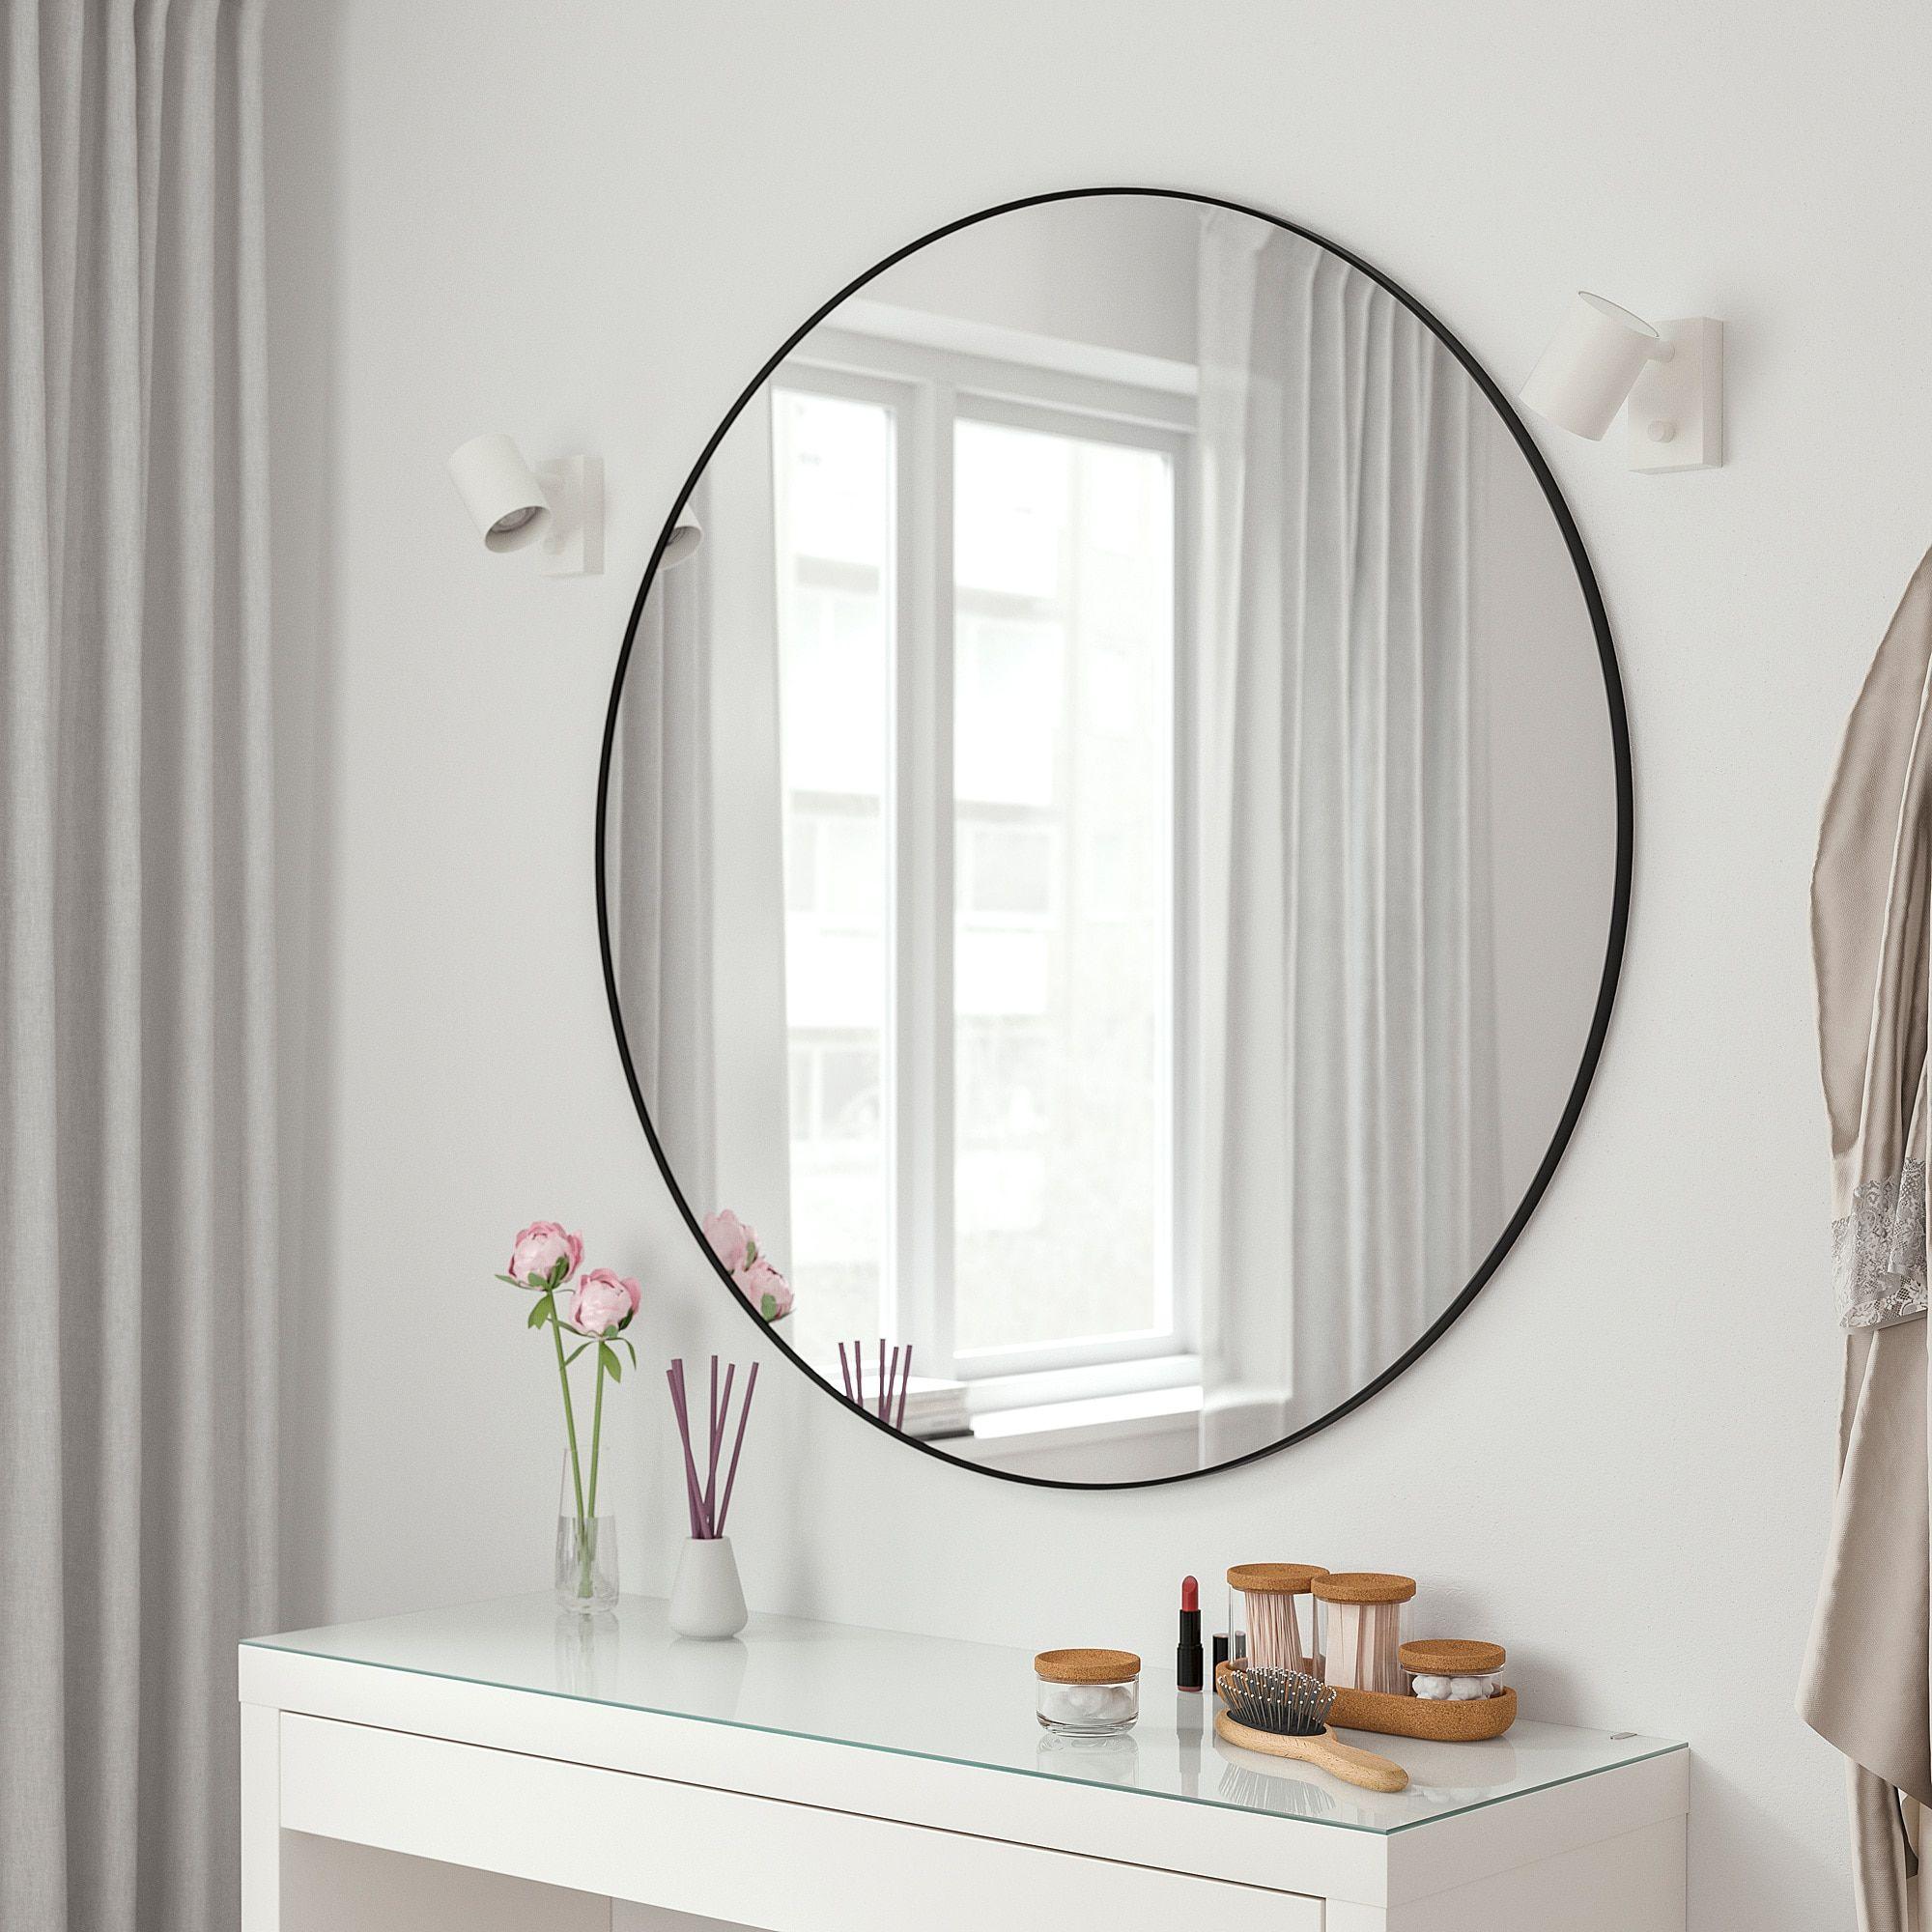 Lindbyn Mirror Black 110 Cm Ikea Miroir Noir Miroir Ikea Miroir Hall D Entree